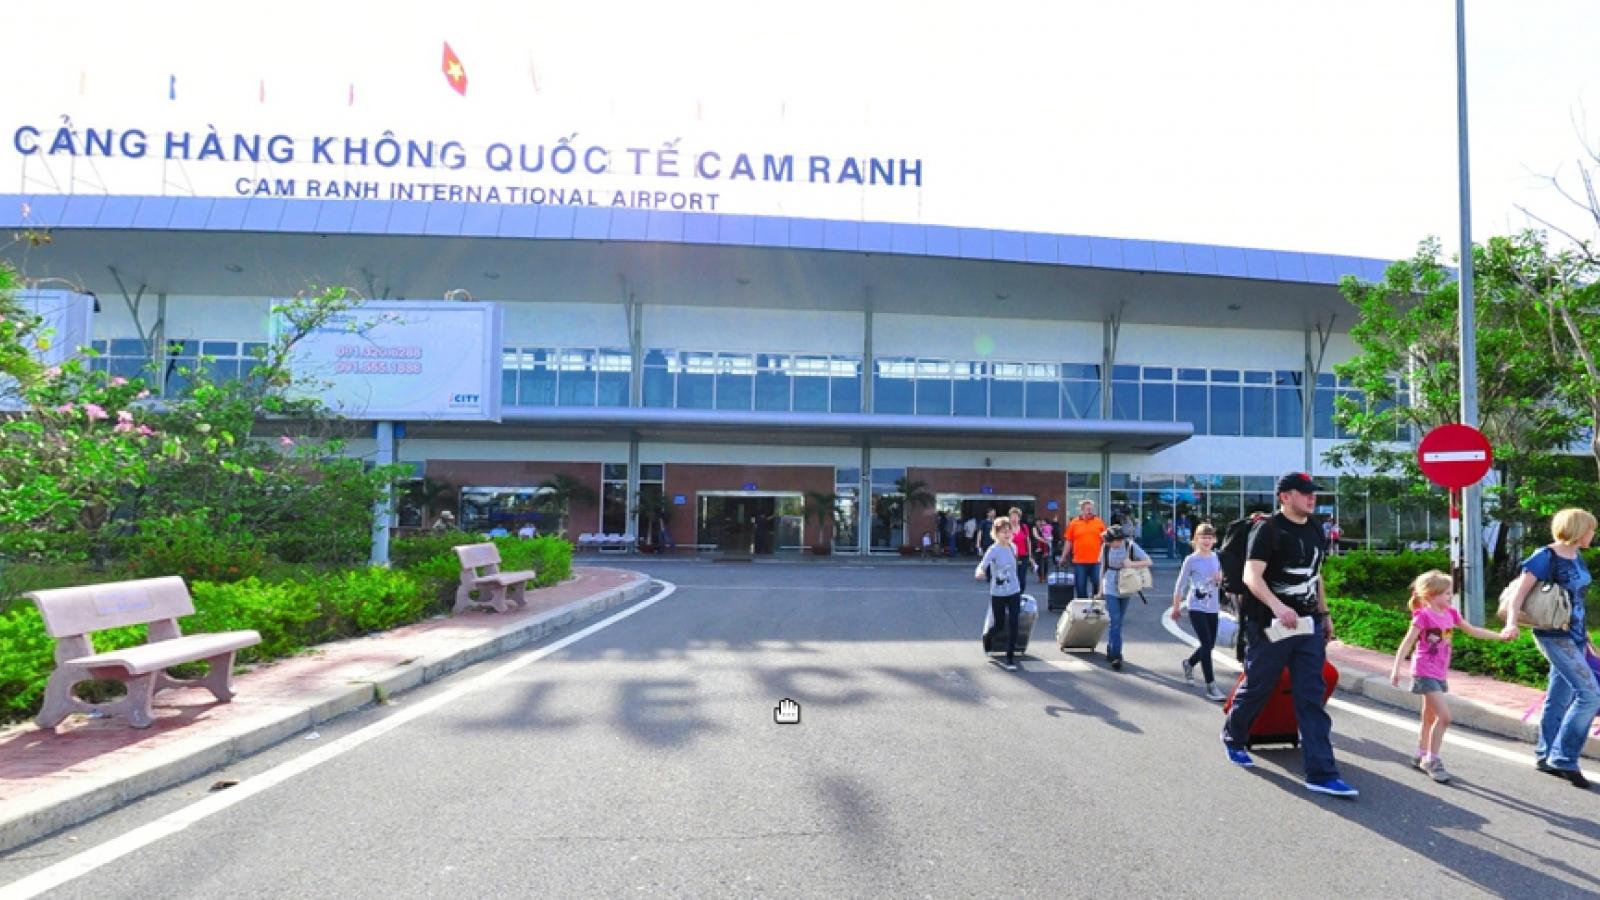 5 sân bay ở miền Trung được mở cửa đón khách trở lại sau khi cơn bão số 12